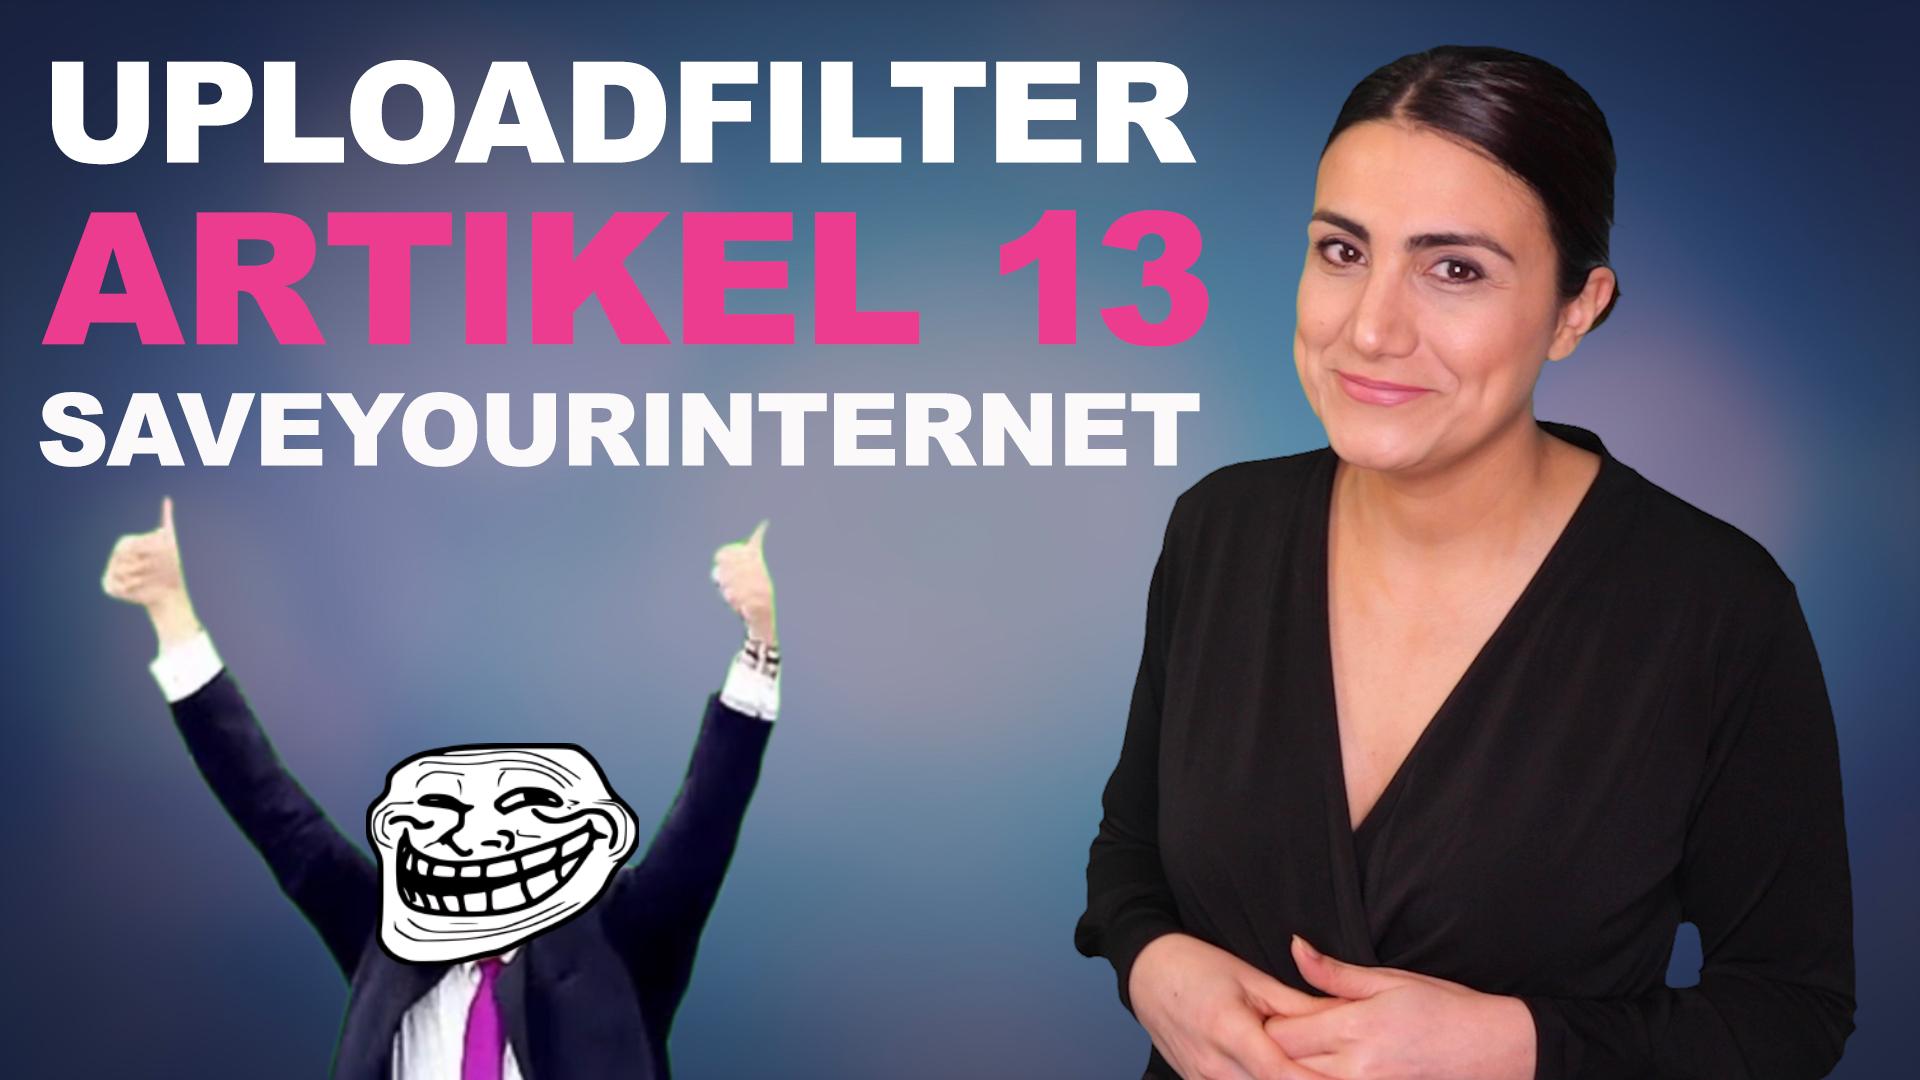 Artikel 13 & Uploadfilter - Worum geht es, wen betrifft es? | spielFAIRberber